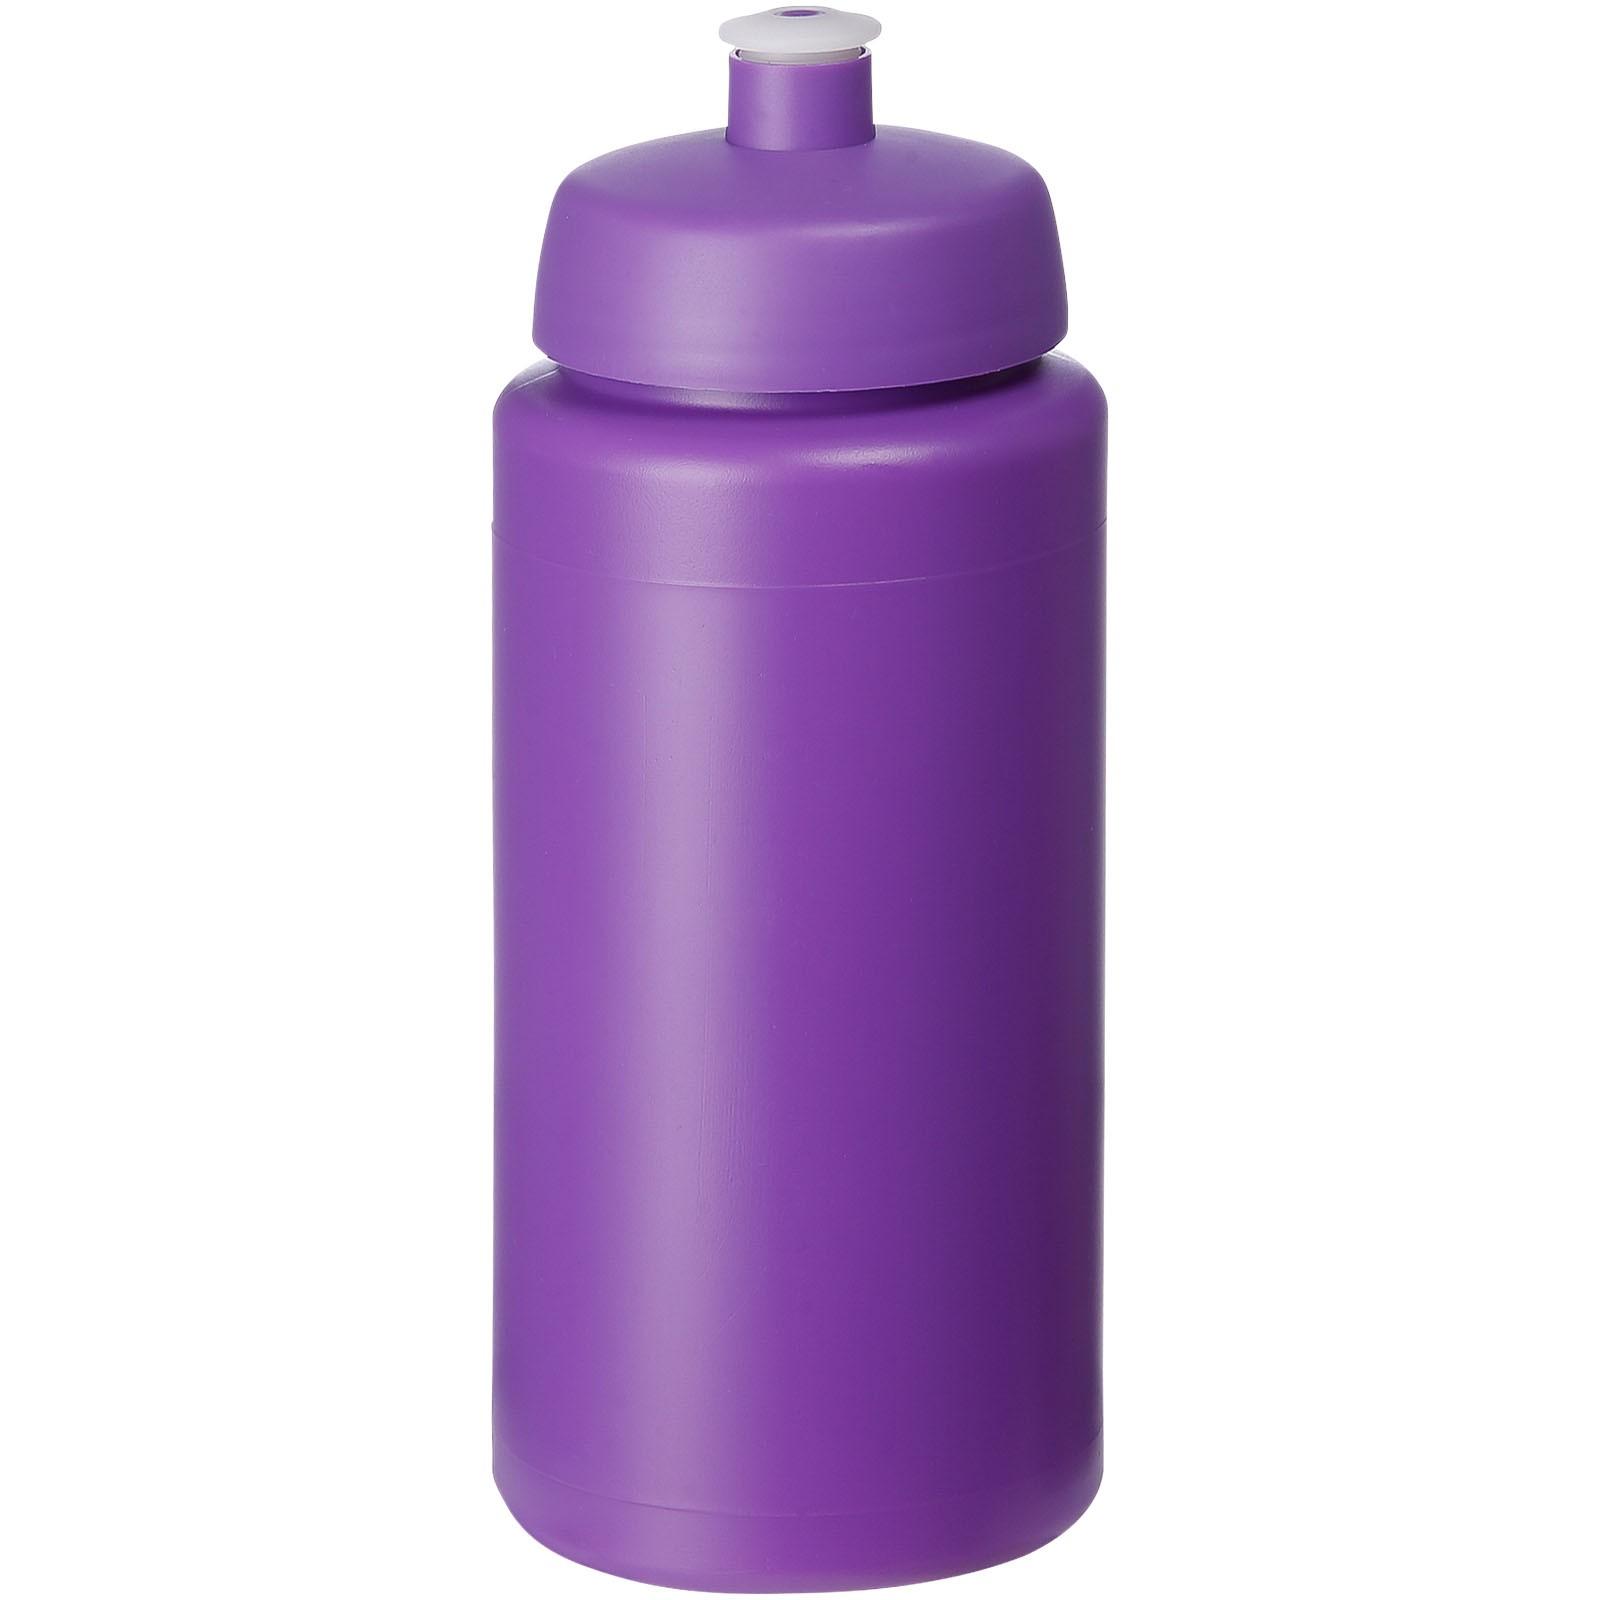 Baseline® Plus grip 500 ml sports lid sport bottle - Purple